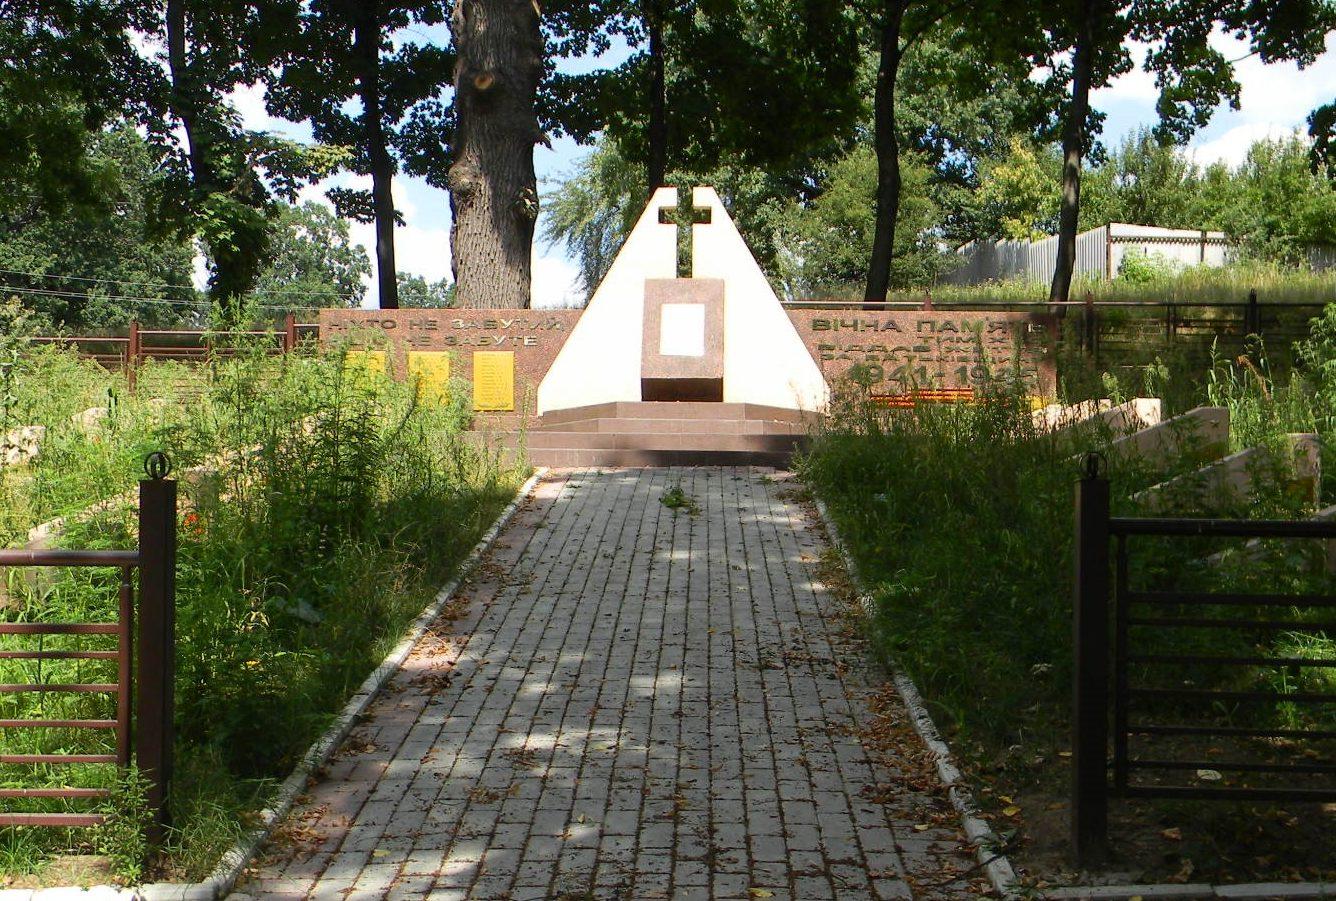 г. Люботин. Памятник по переулку Военному, установлен на братской могиле, в которой похоронено 163 воина, погибших при освобождении города